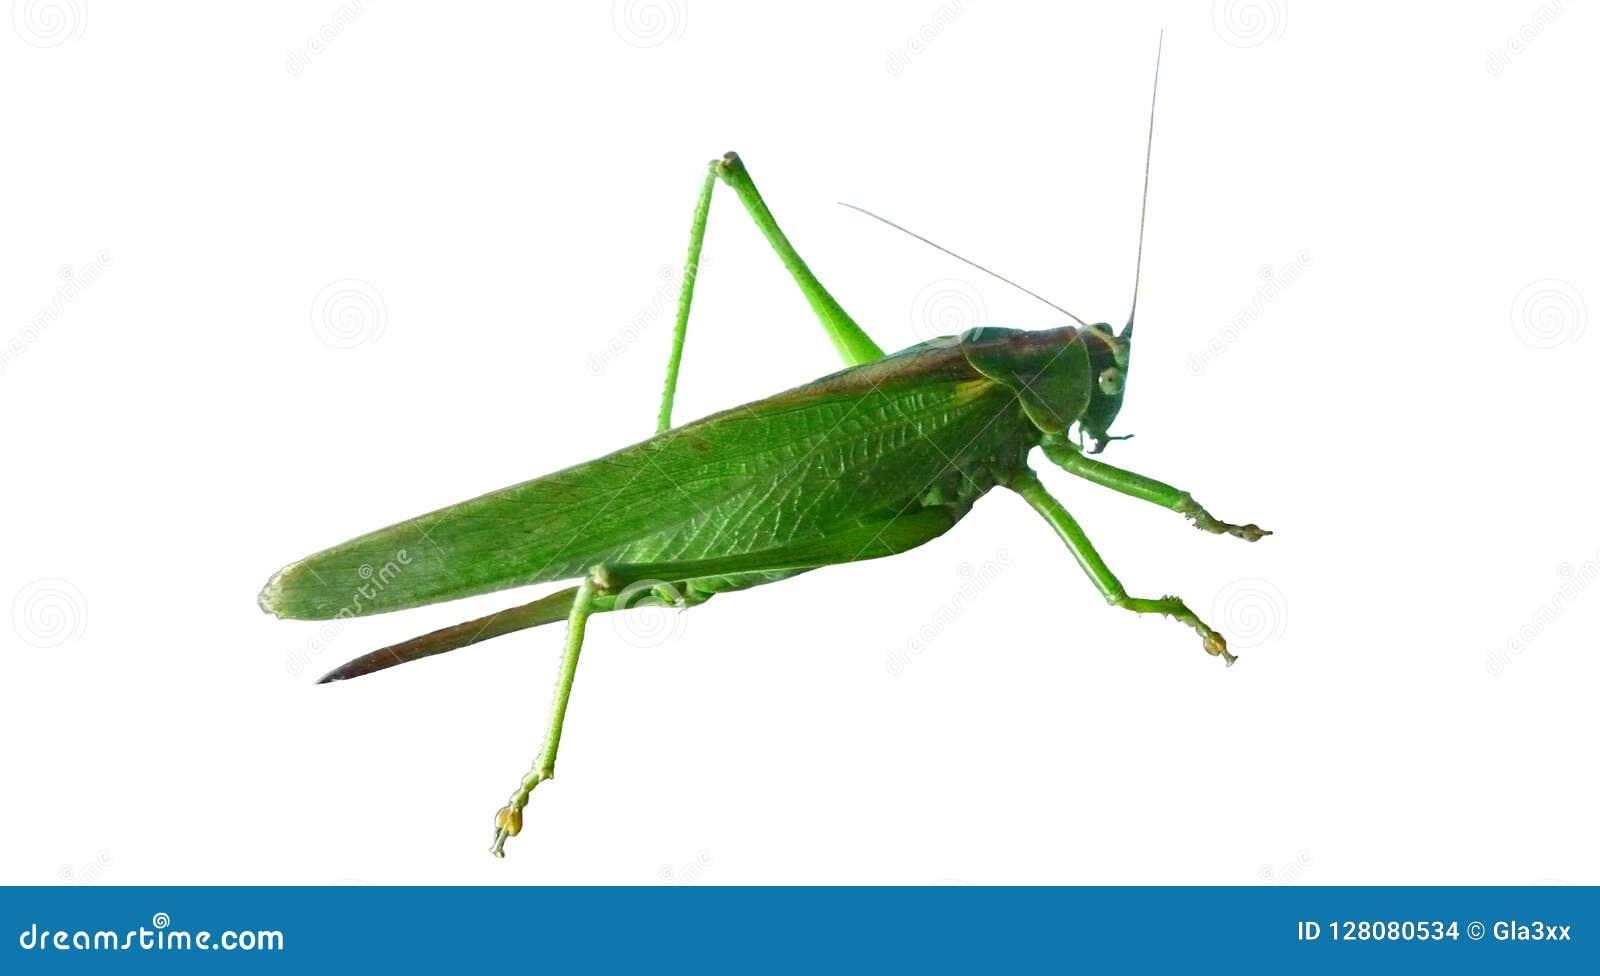 Verde della locusta grasshopper